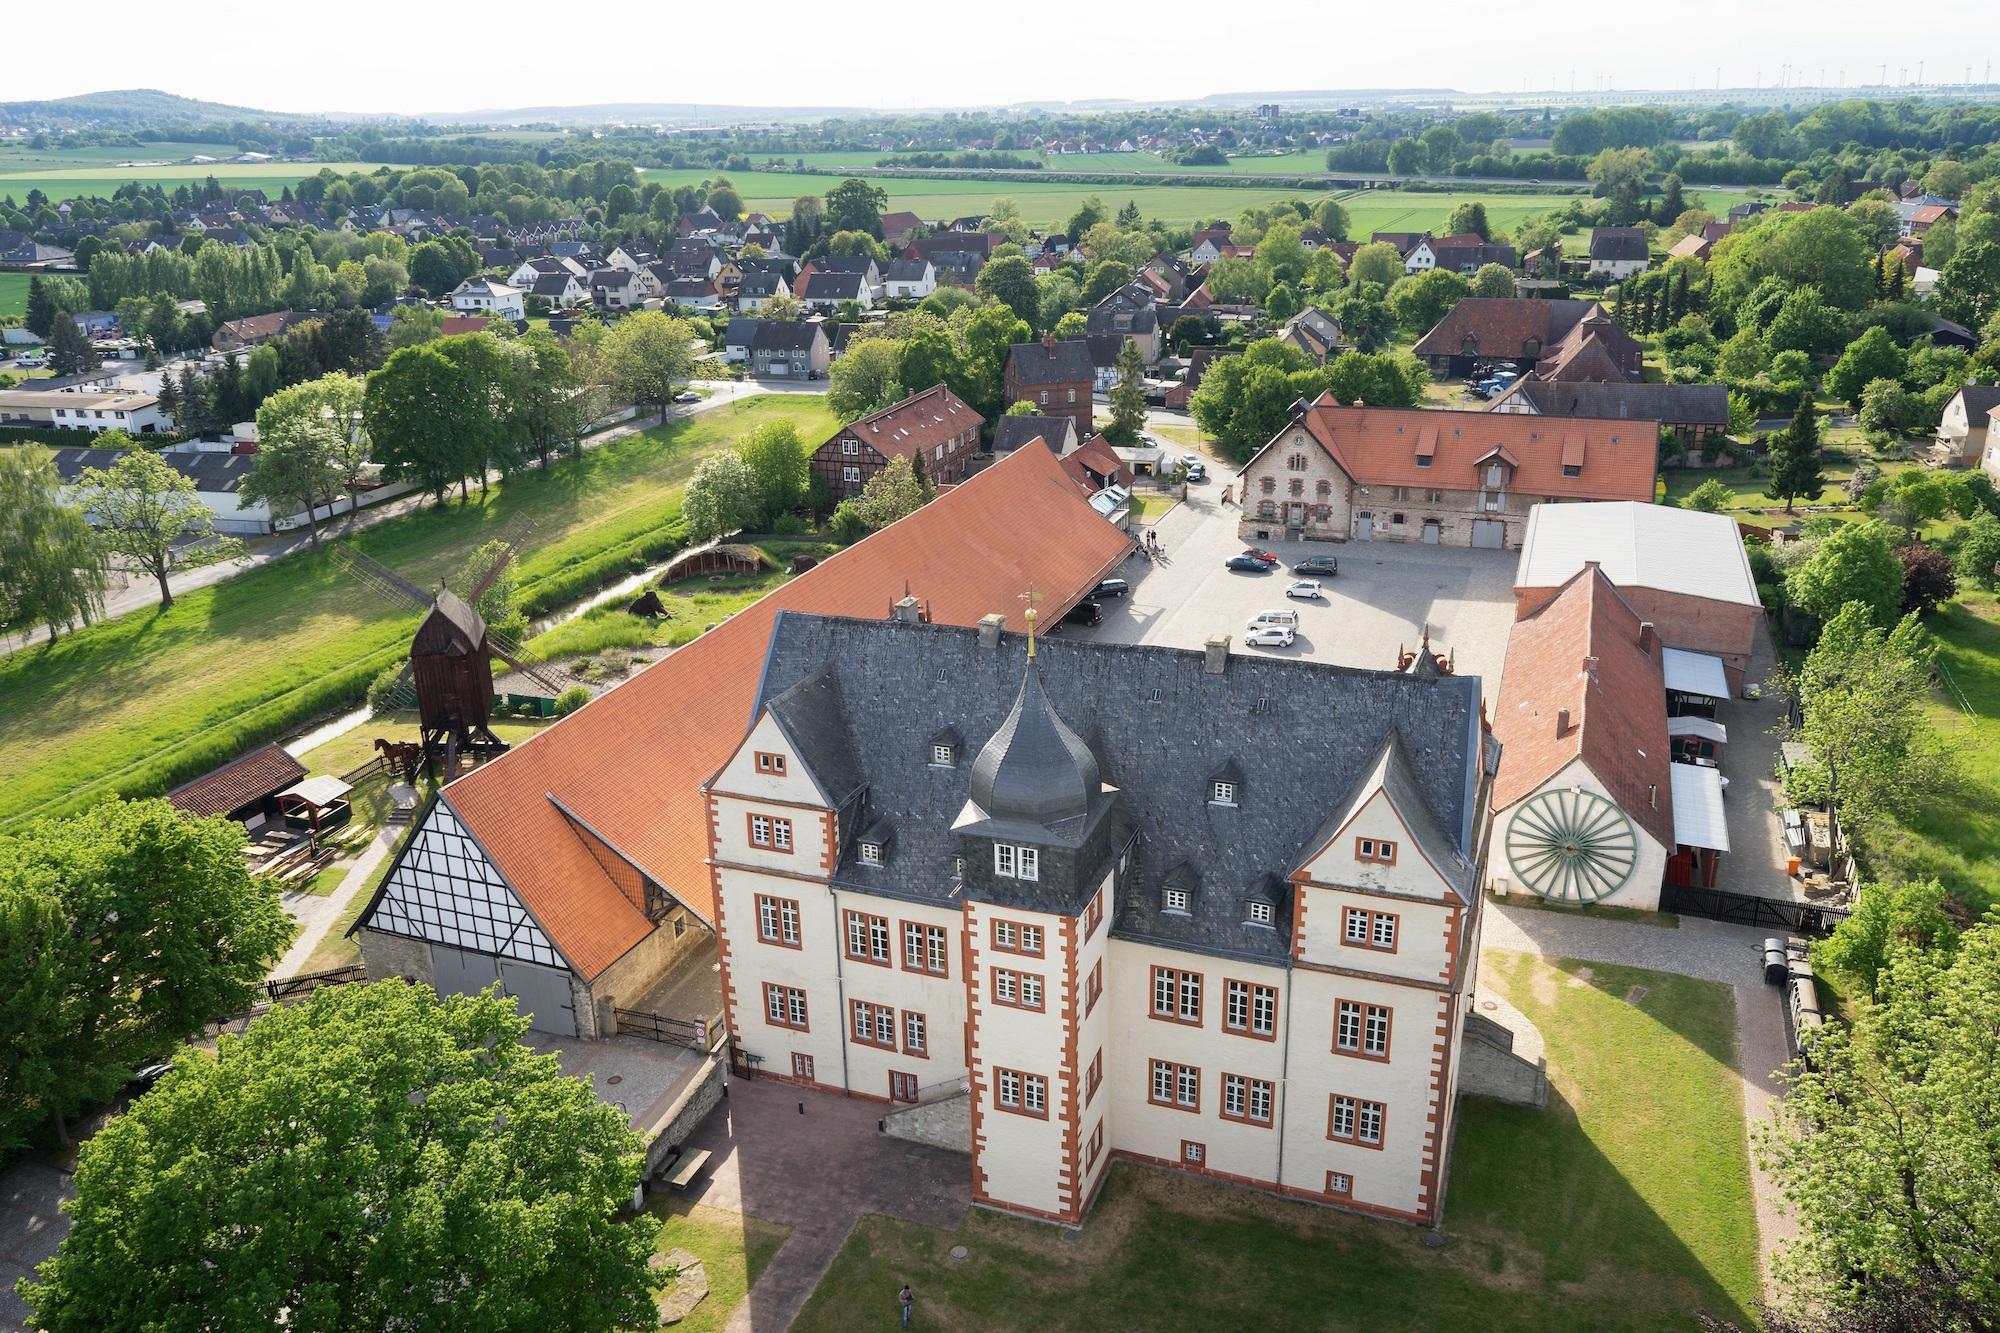 Nördliches Harzvorland, Städtisches Museum Schloss Salder Salzgitter, Schloss Salder von oben. Foto: André Kugellis